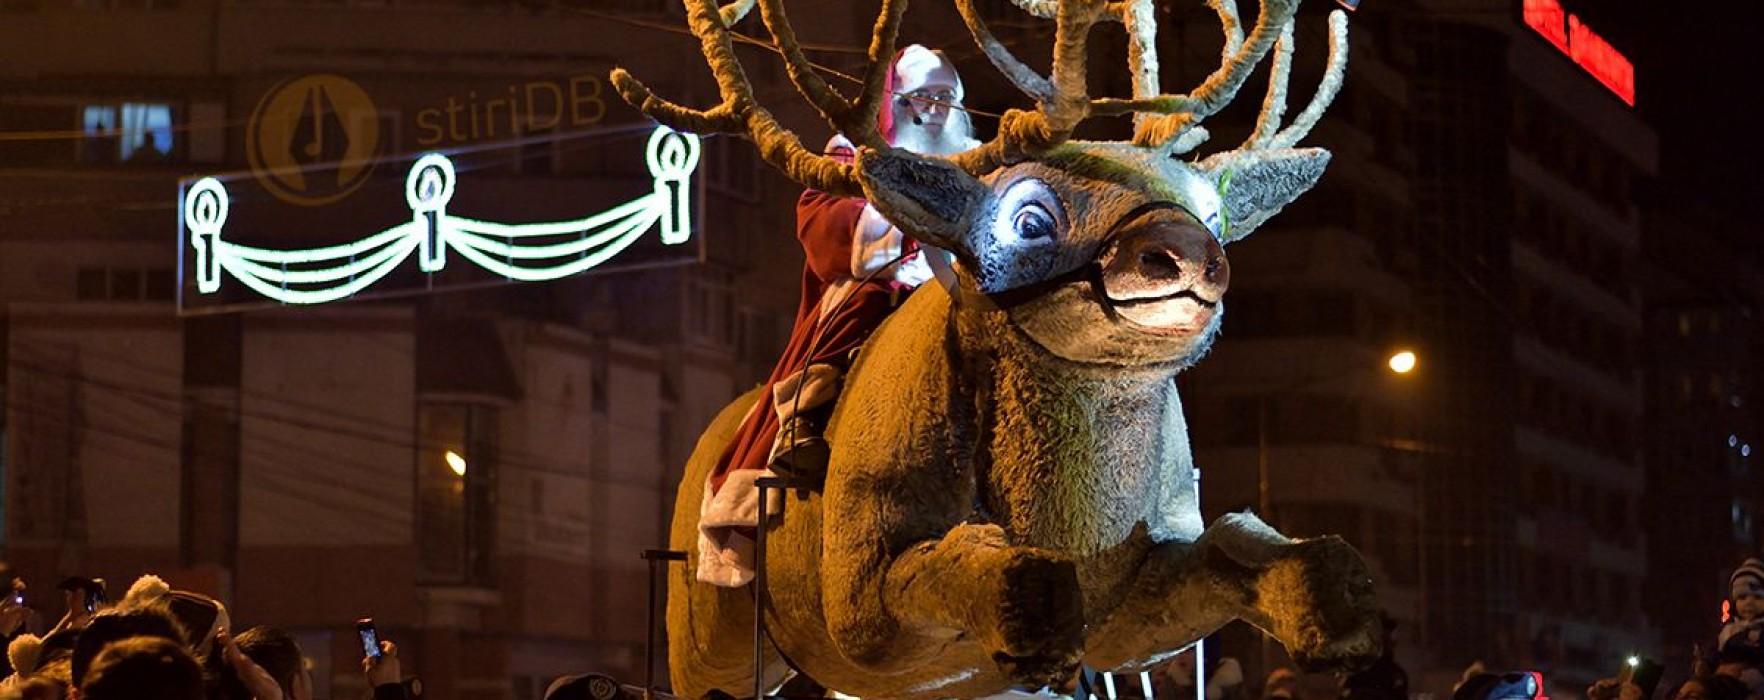 Târgovişte: Moş Crăciun vine în municipiu pe 14 decembrie